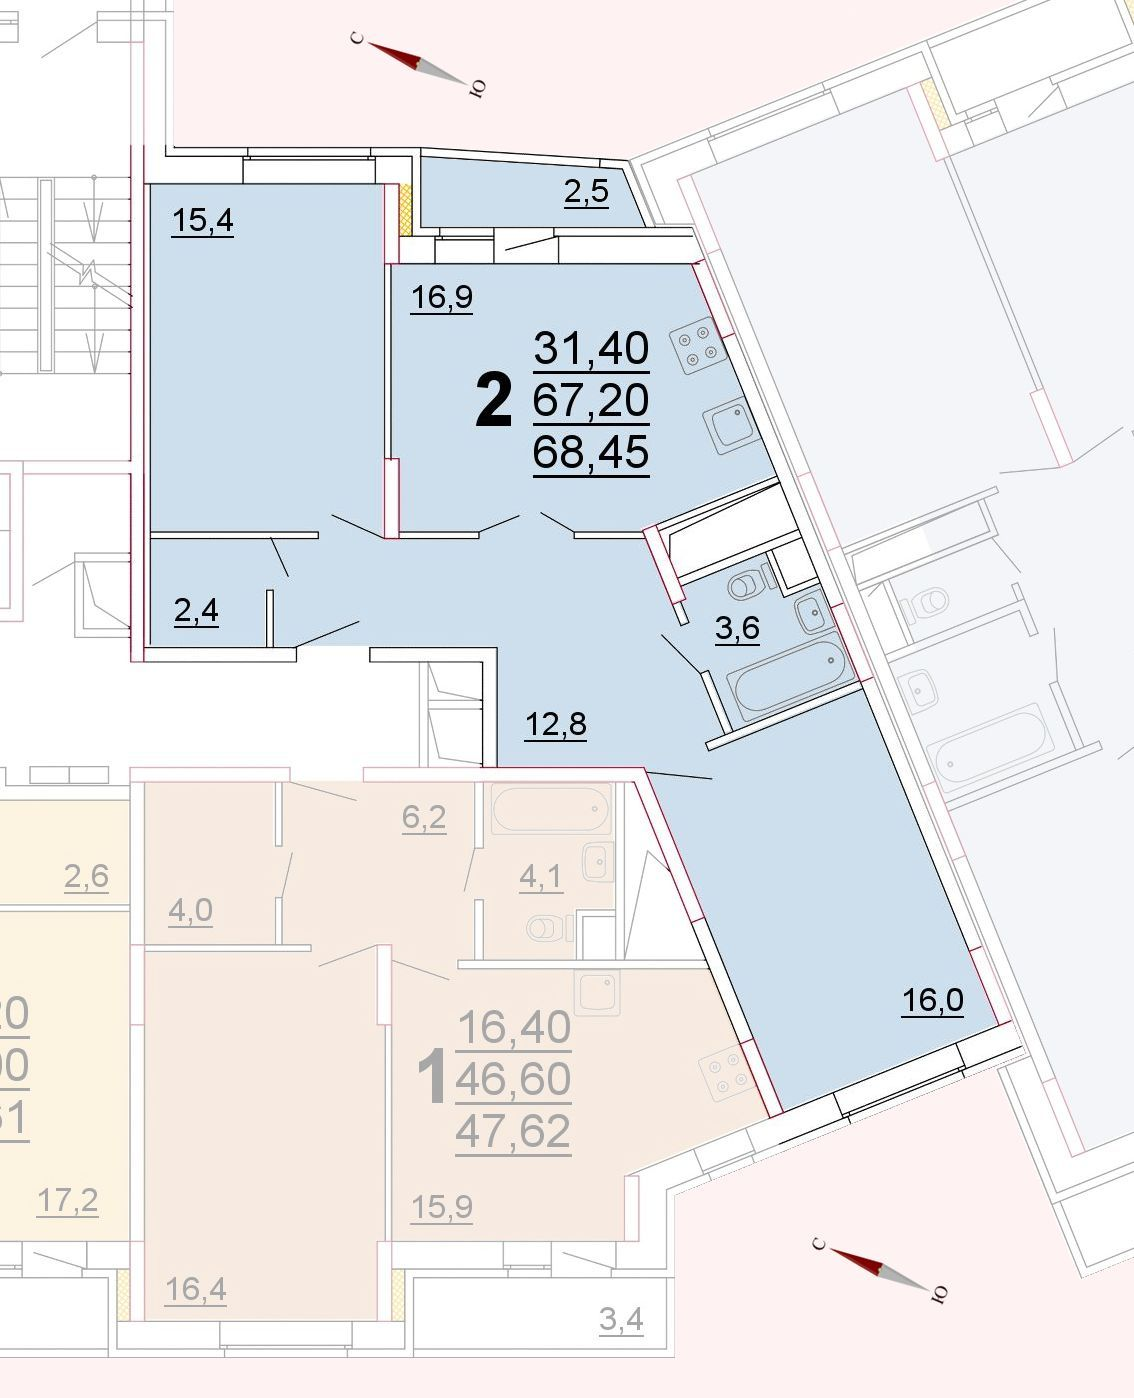 Микрорайон «Центральный», корпус 52г, секция 1, квартира 68,45 м2